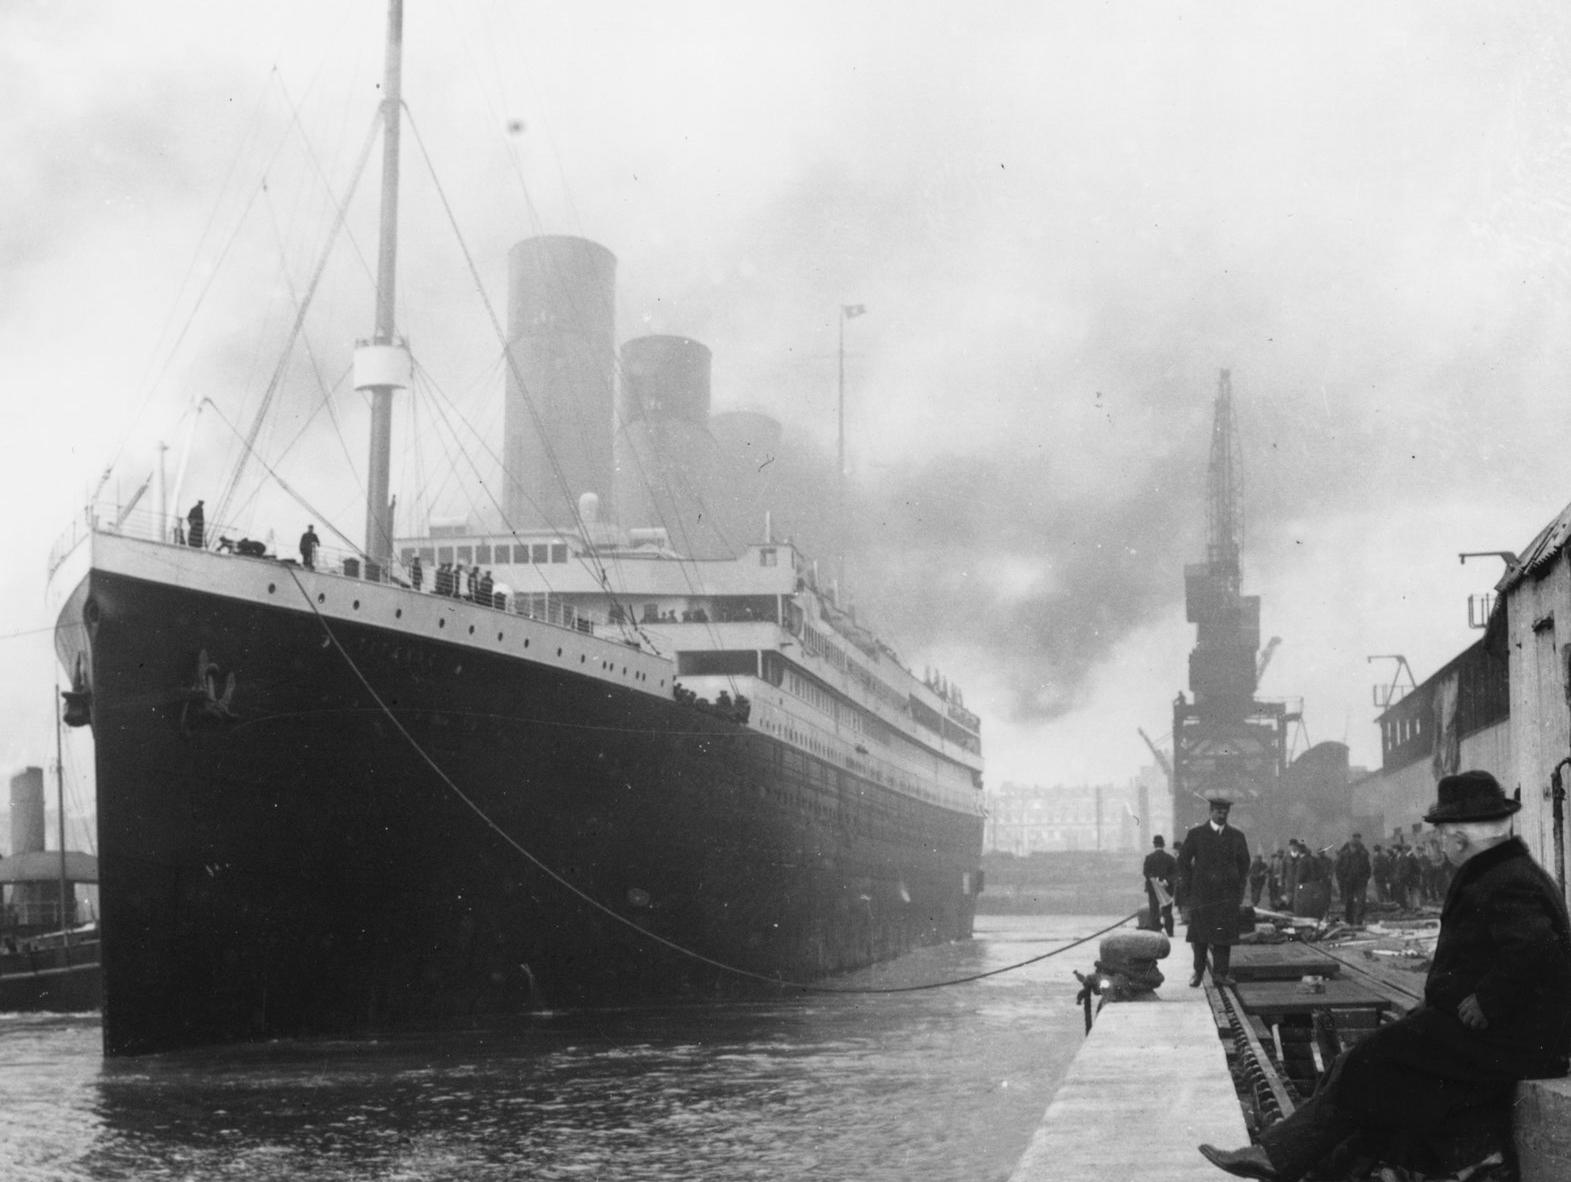 الافراج عن صور جديدة تنشر لاول مرة للسفينة تايتانيك